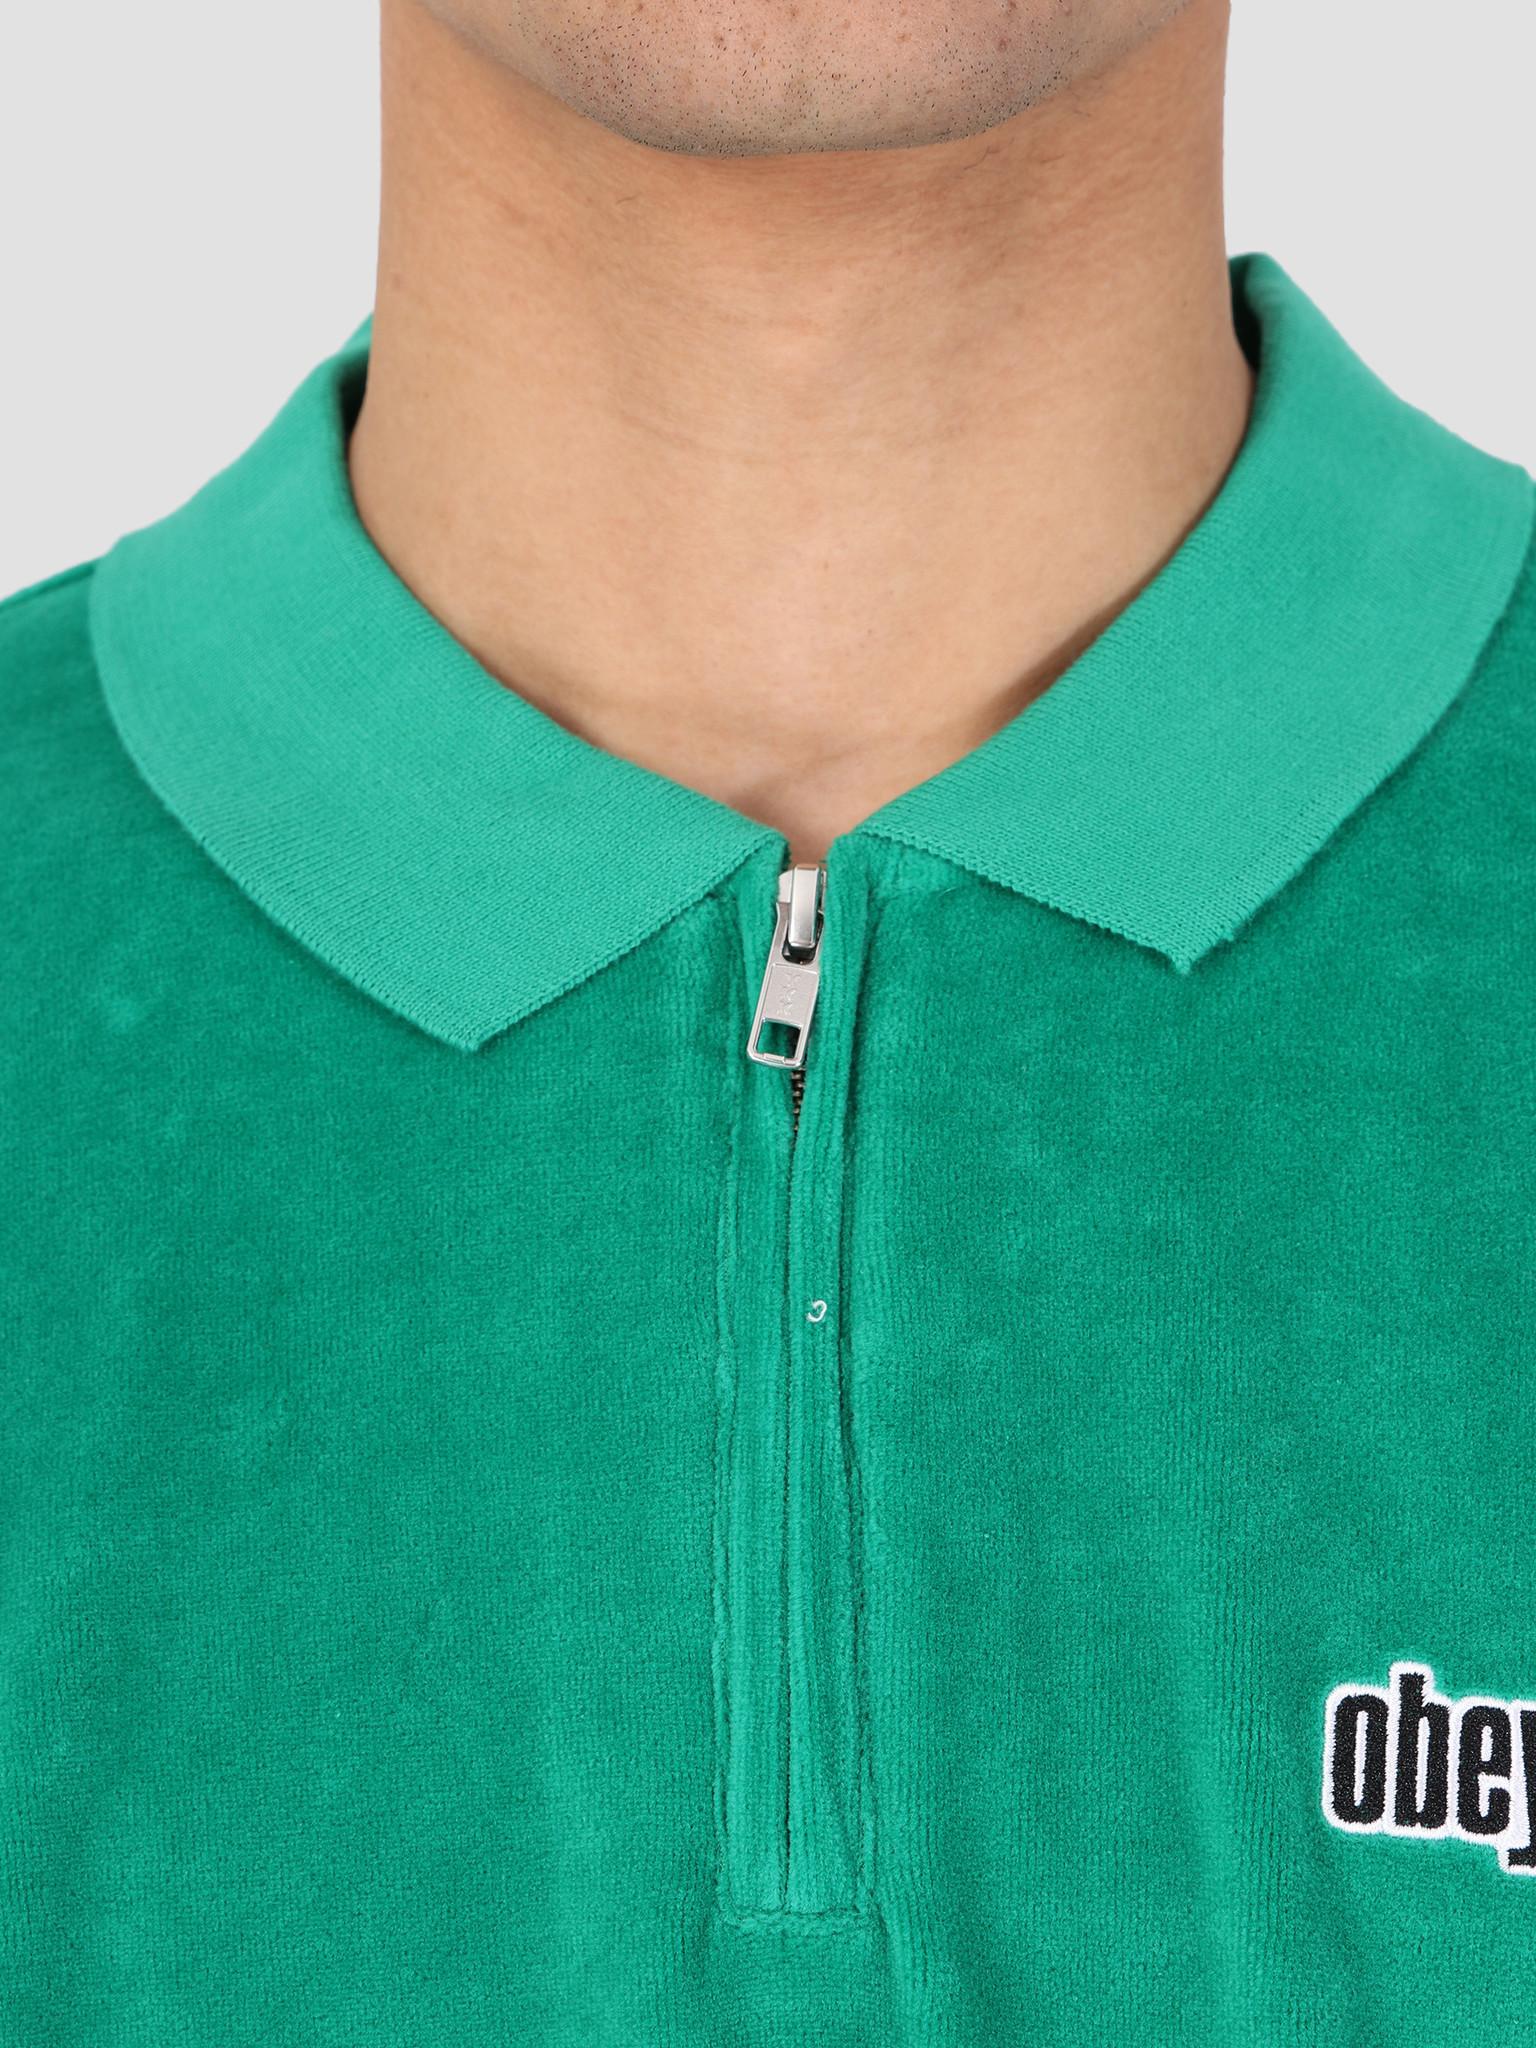 Obey Obey Joe Zip Claic Polo GGN 131090045